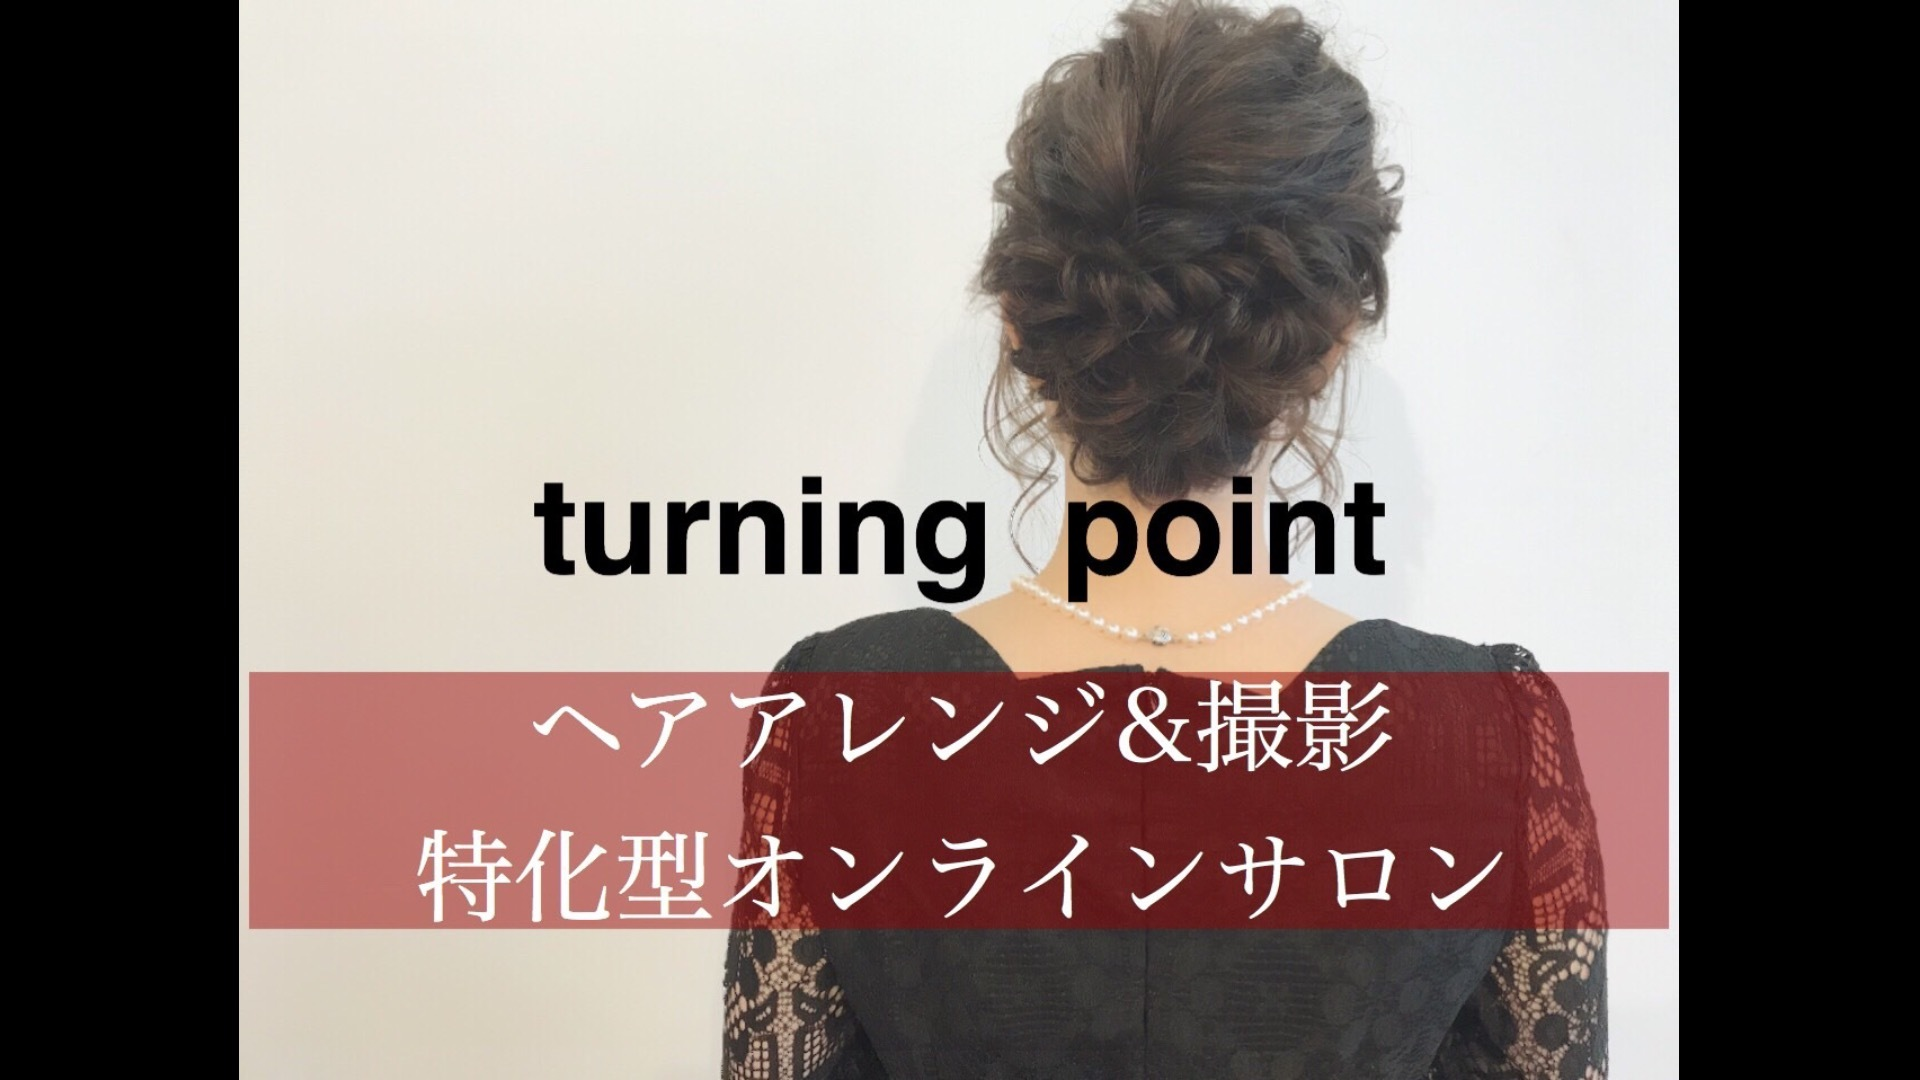 水野 年朗 (ミズノ トシロウ)写真上 - turning point ヘアアレンジ&撮影 特化型オンラインサロン - DMM オンラインサロン